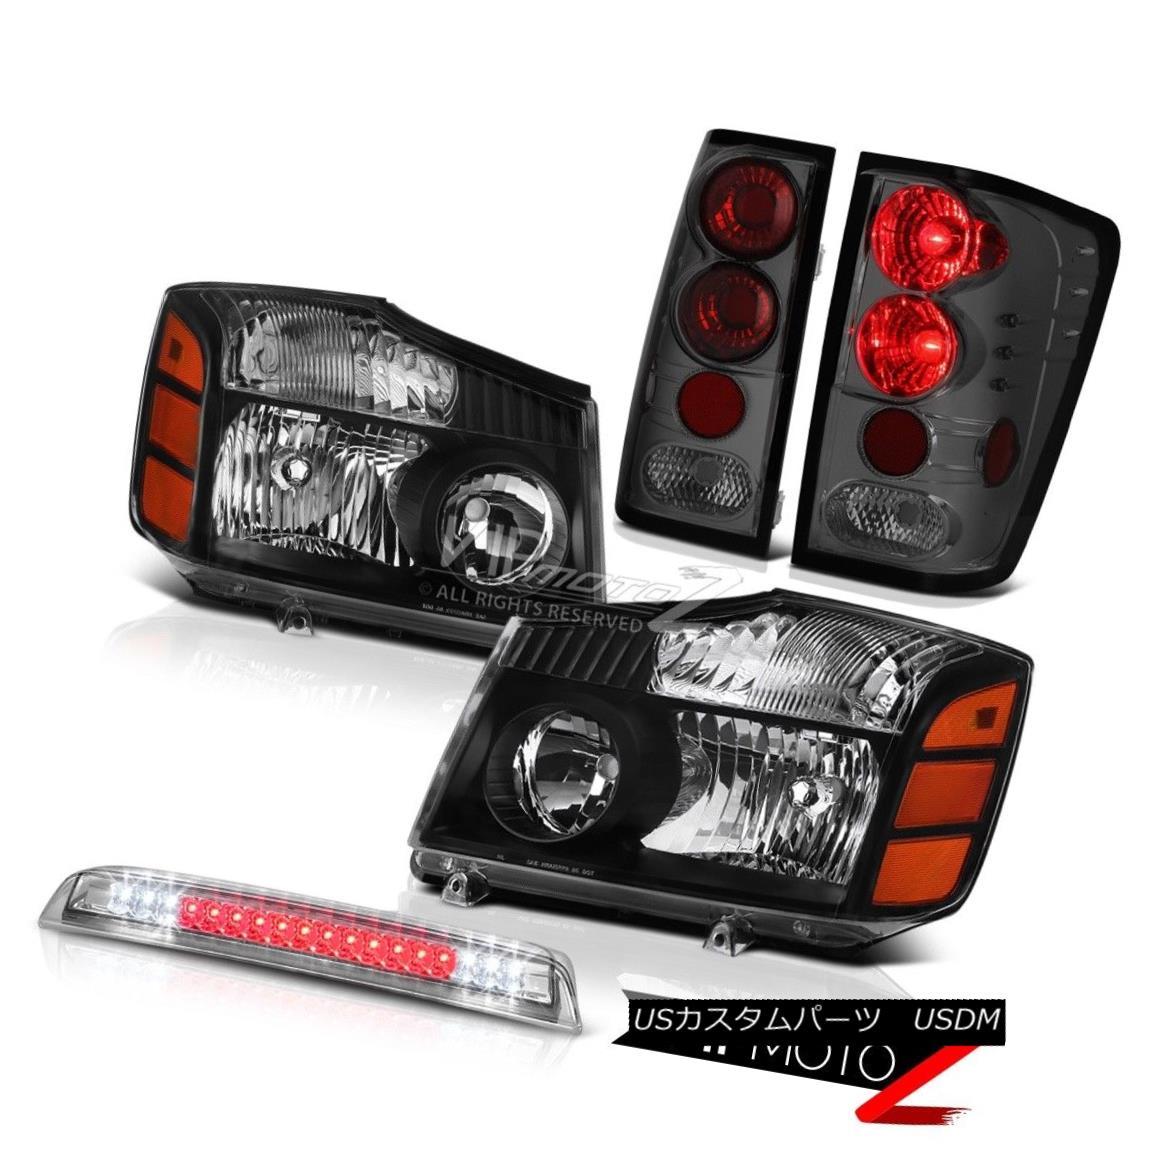 テールライト Left Right Headlamps Taillight Rear Brake Lamp Cargo LED For 2004-2015 Titan SL 左のライトヘッドランプテールライトリアブレーキランプ2004年?2015年の貨物LEDタイタンSL